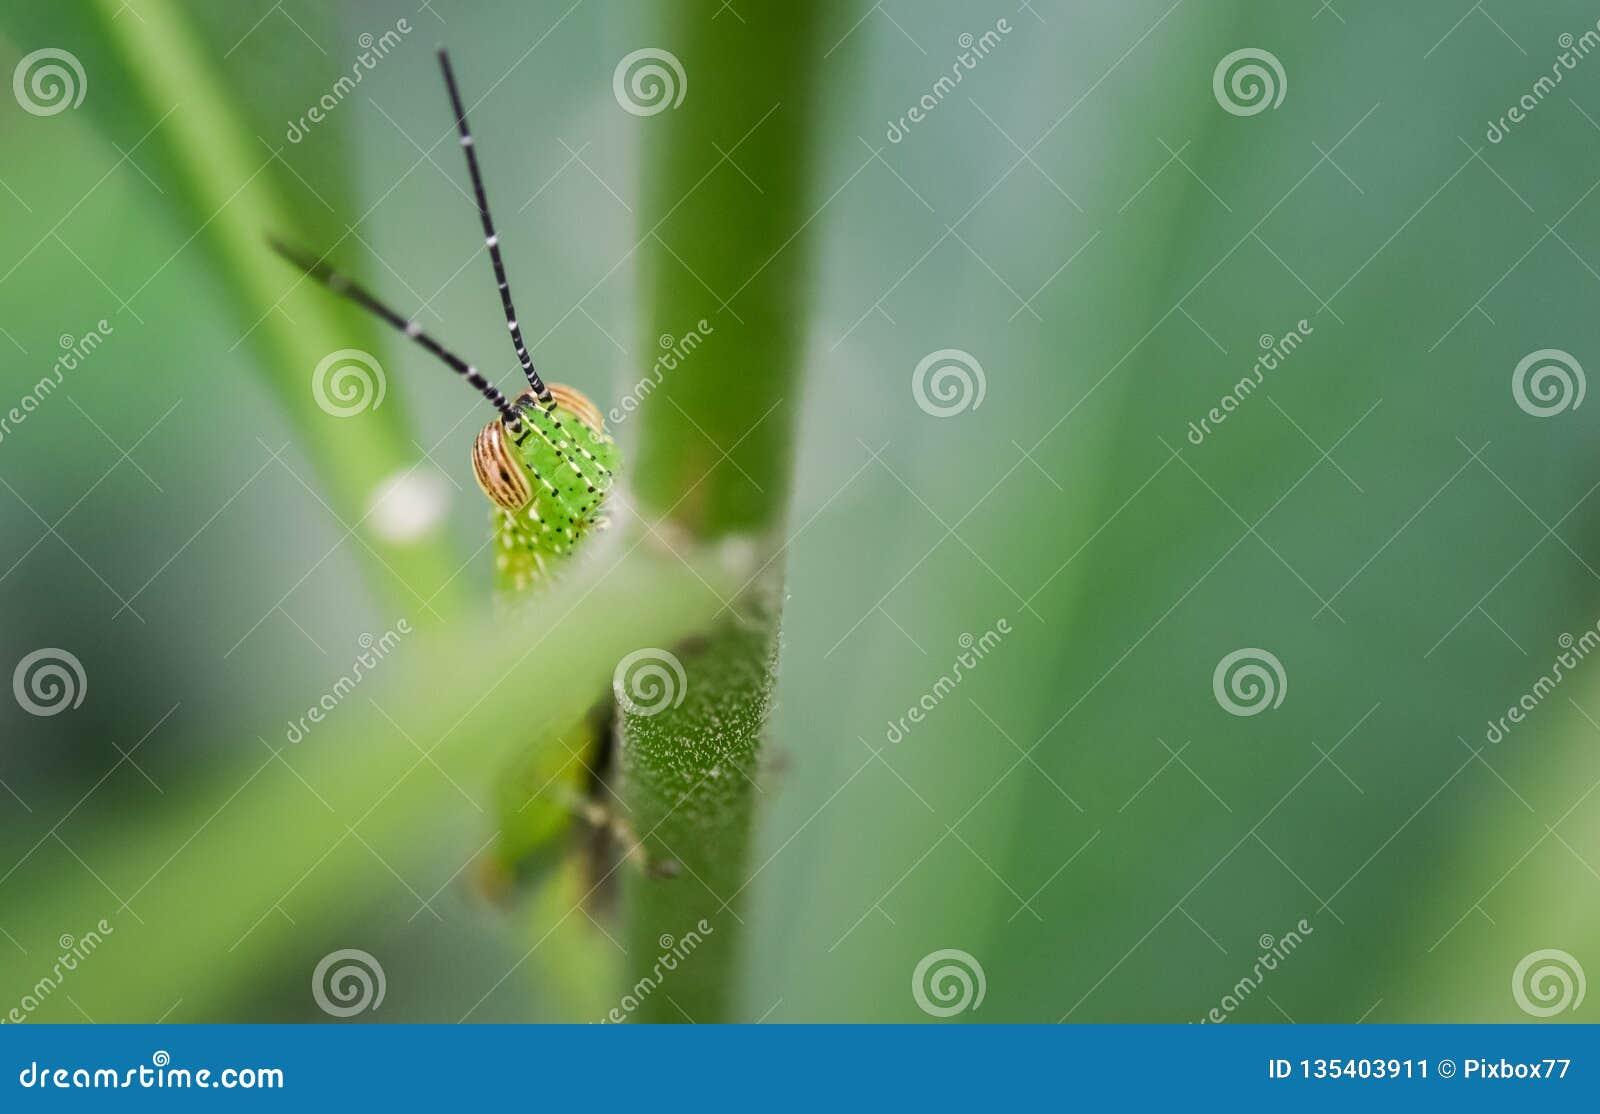 Piel del saltamontes en la hoja verde